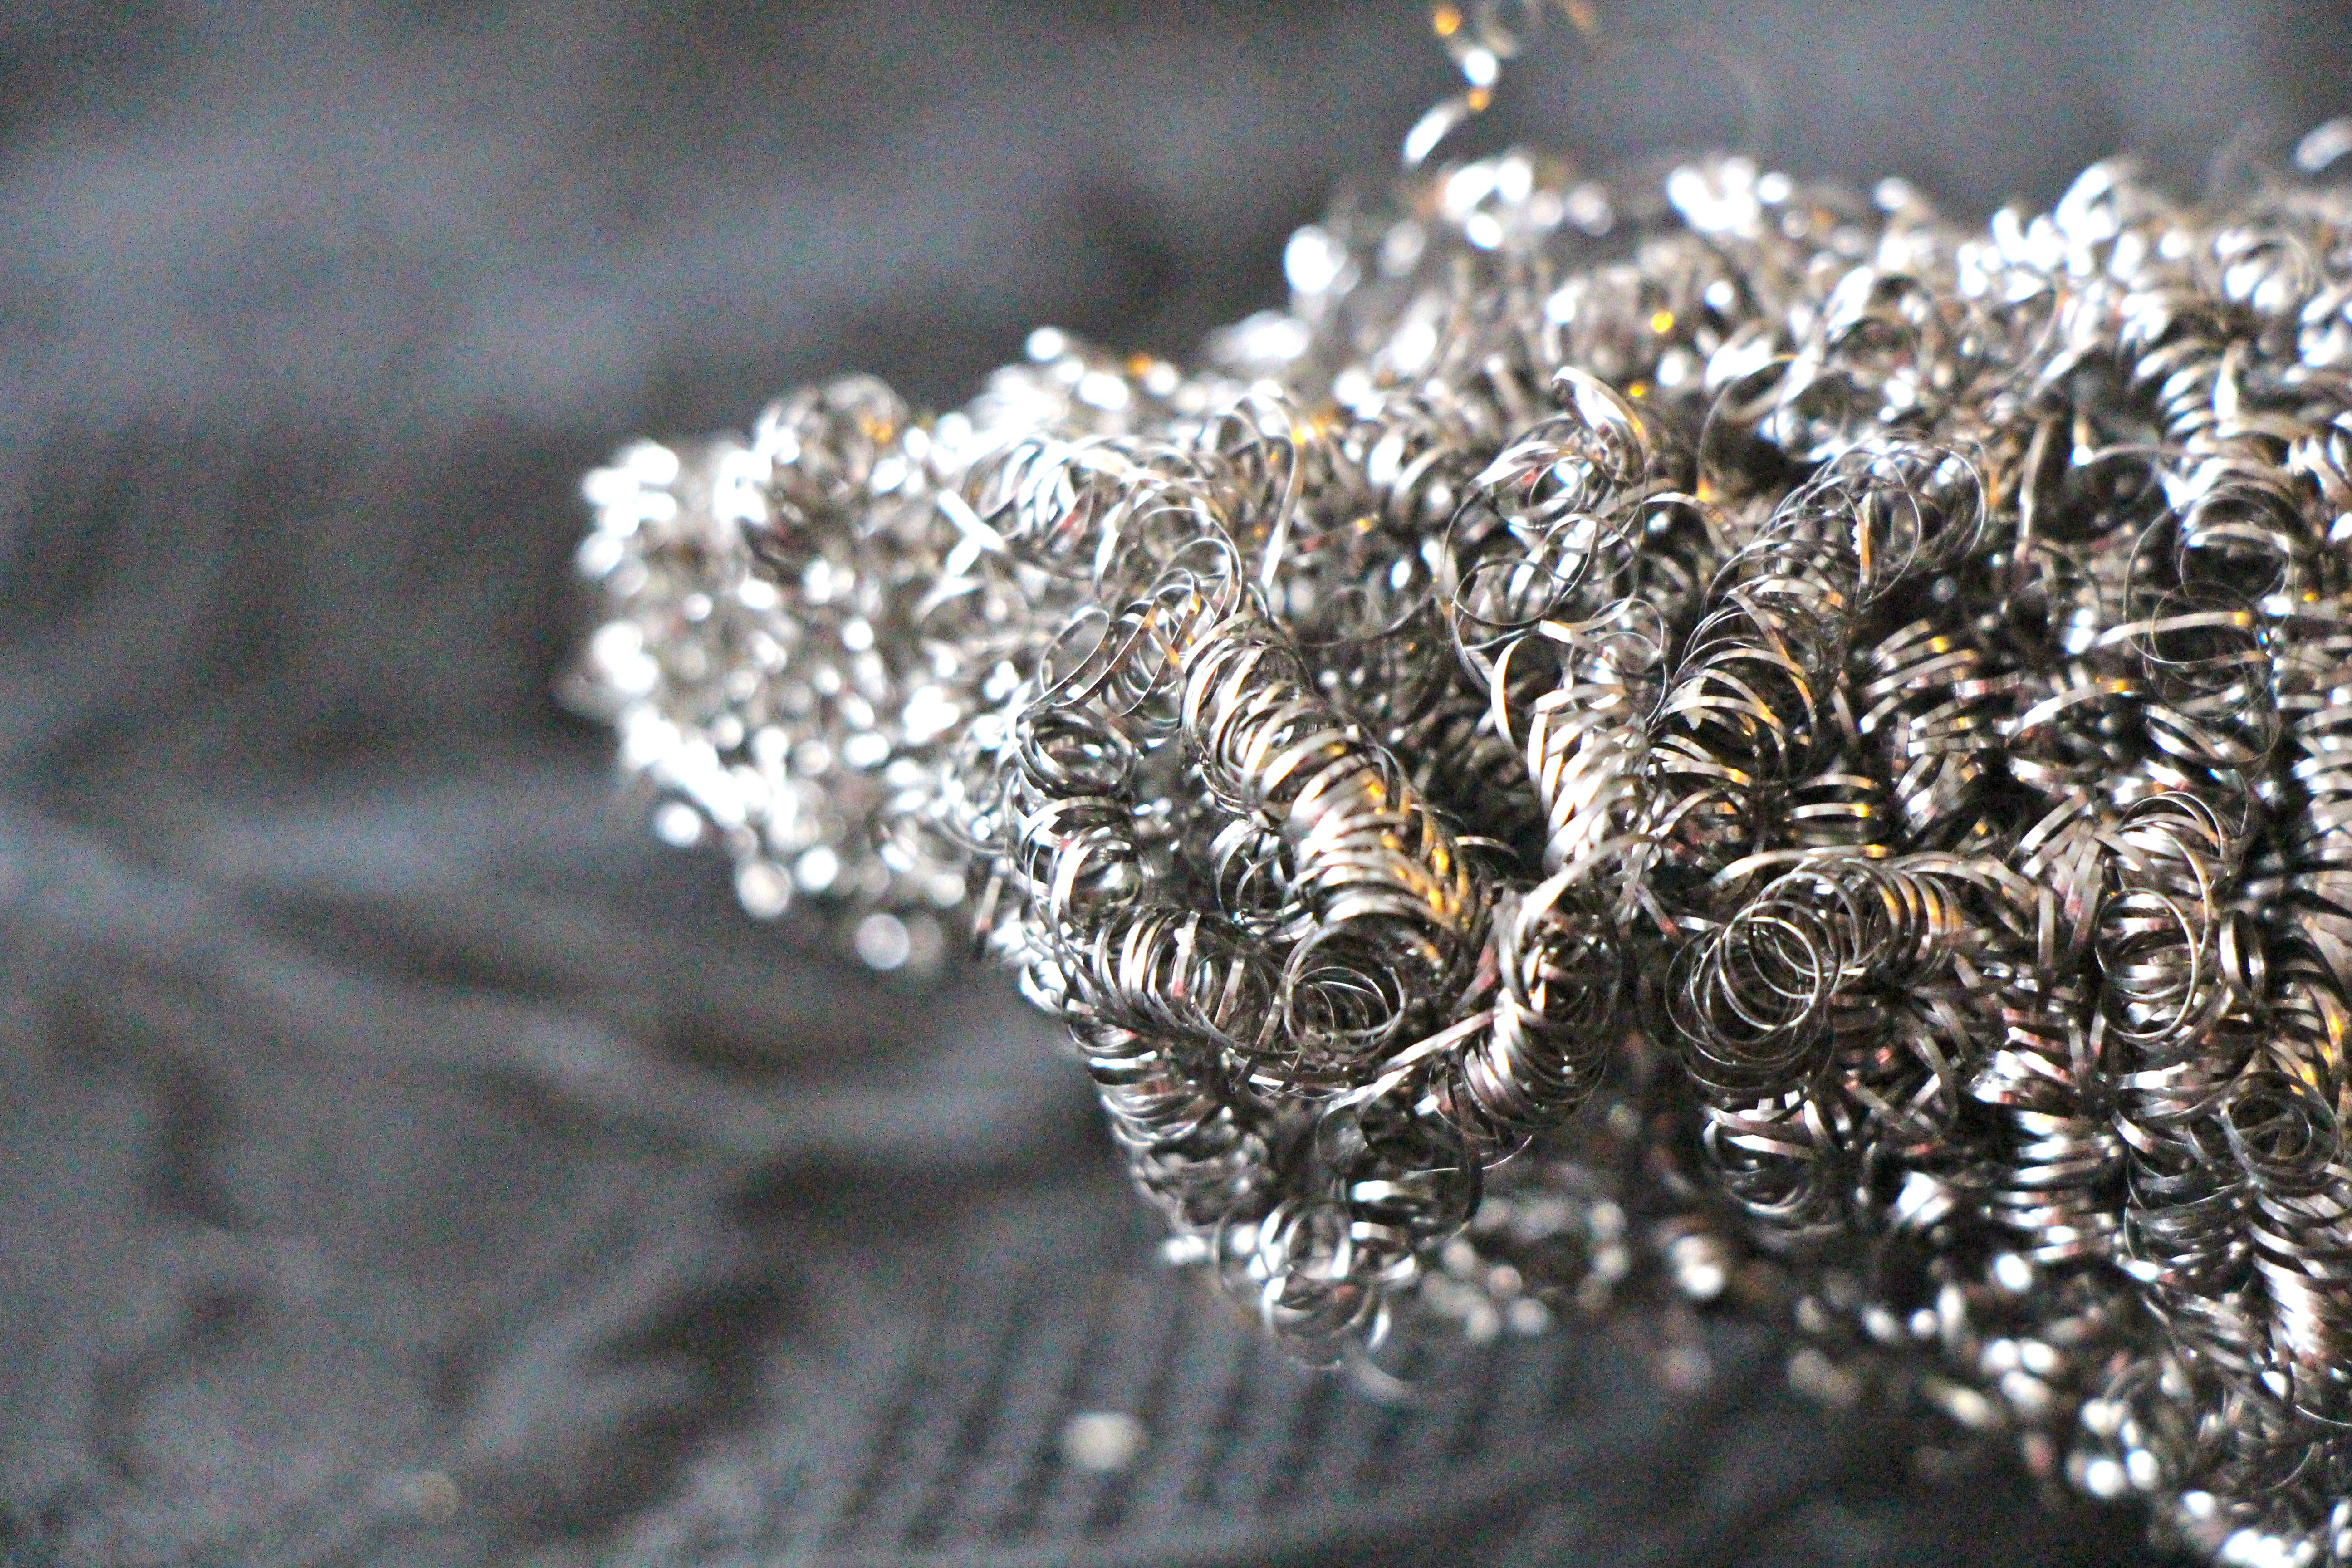 closeup of steel wool